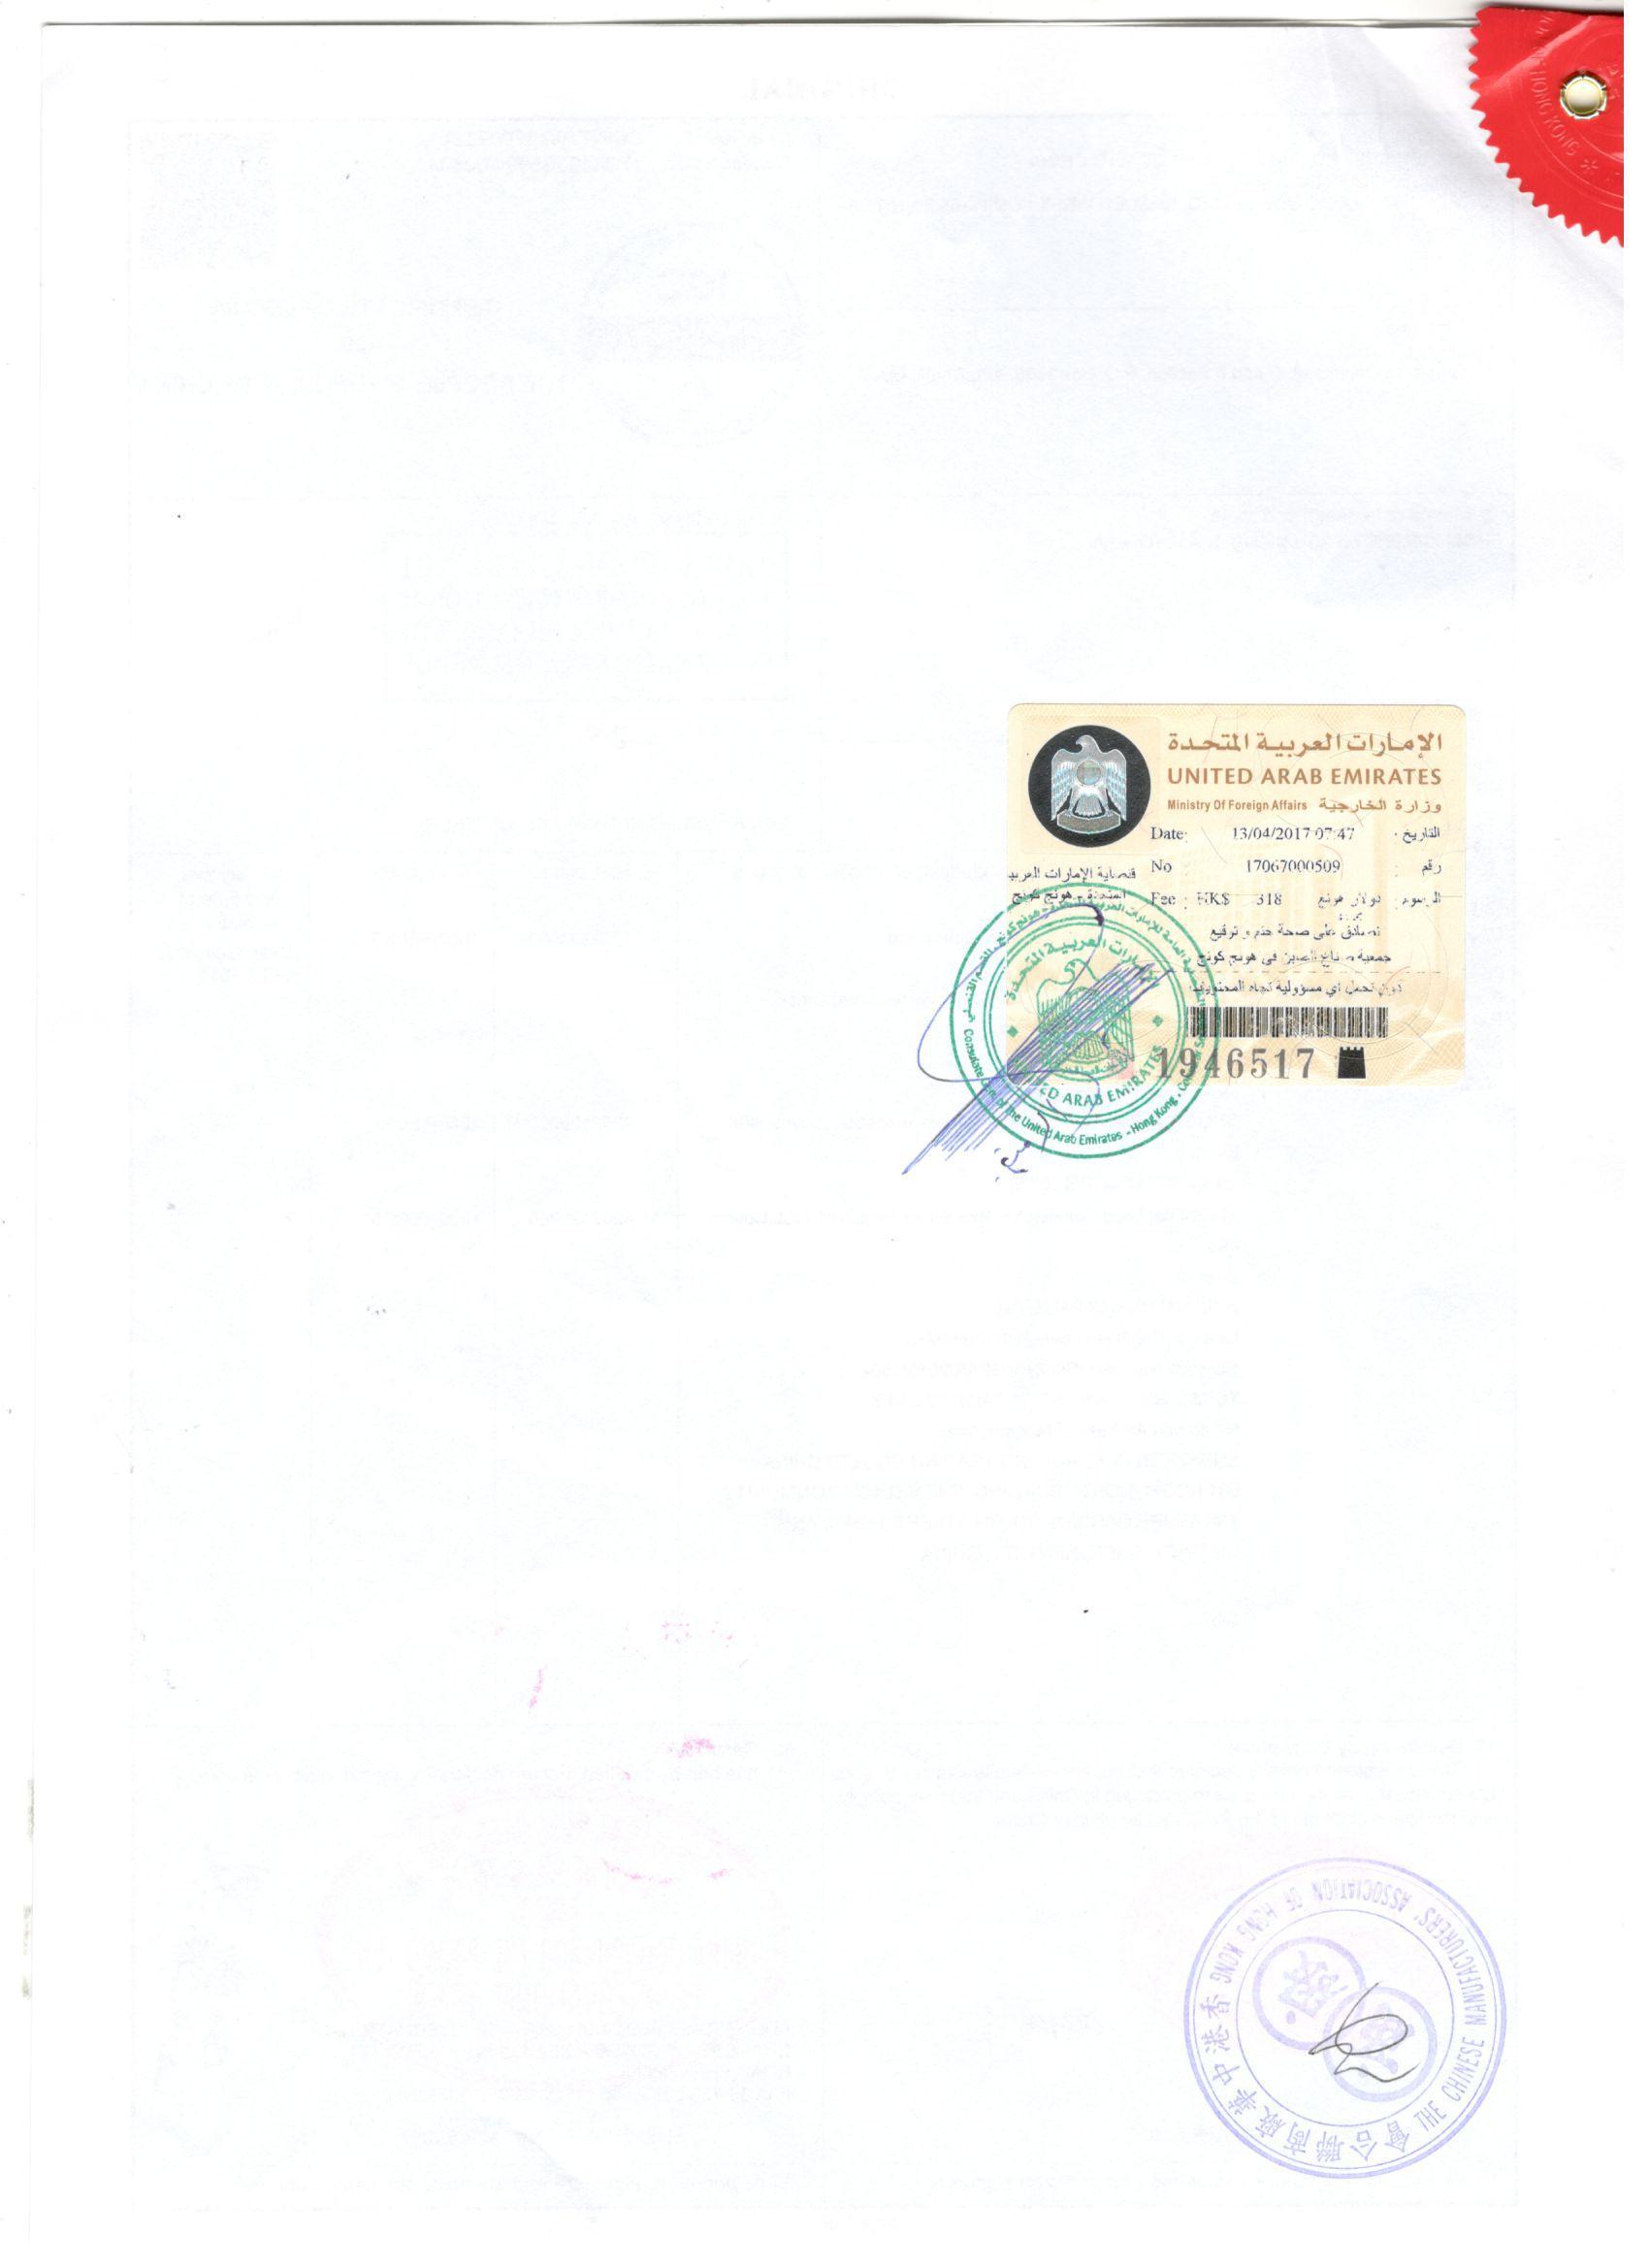 健康证阿联酋驻华大使馆加签